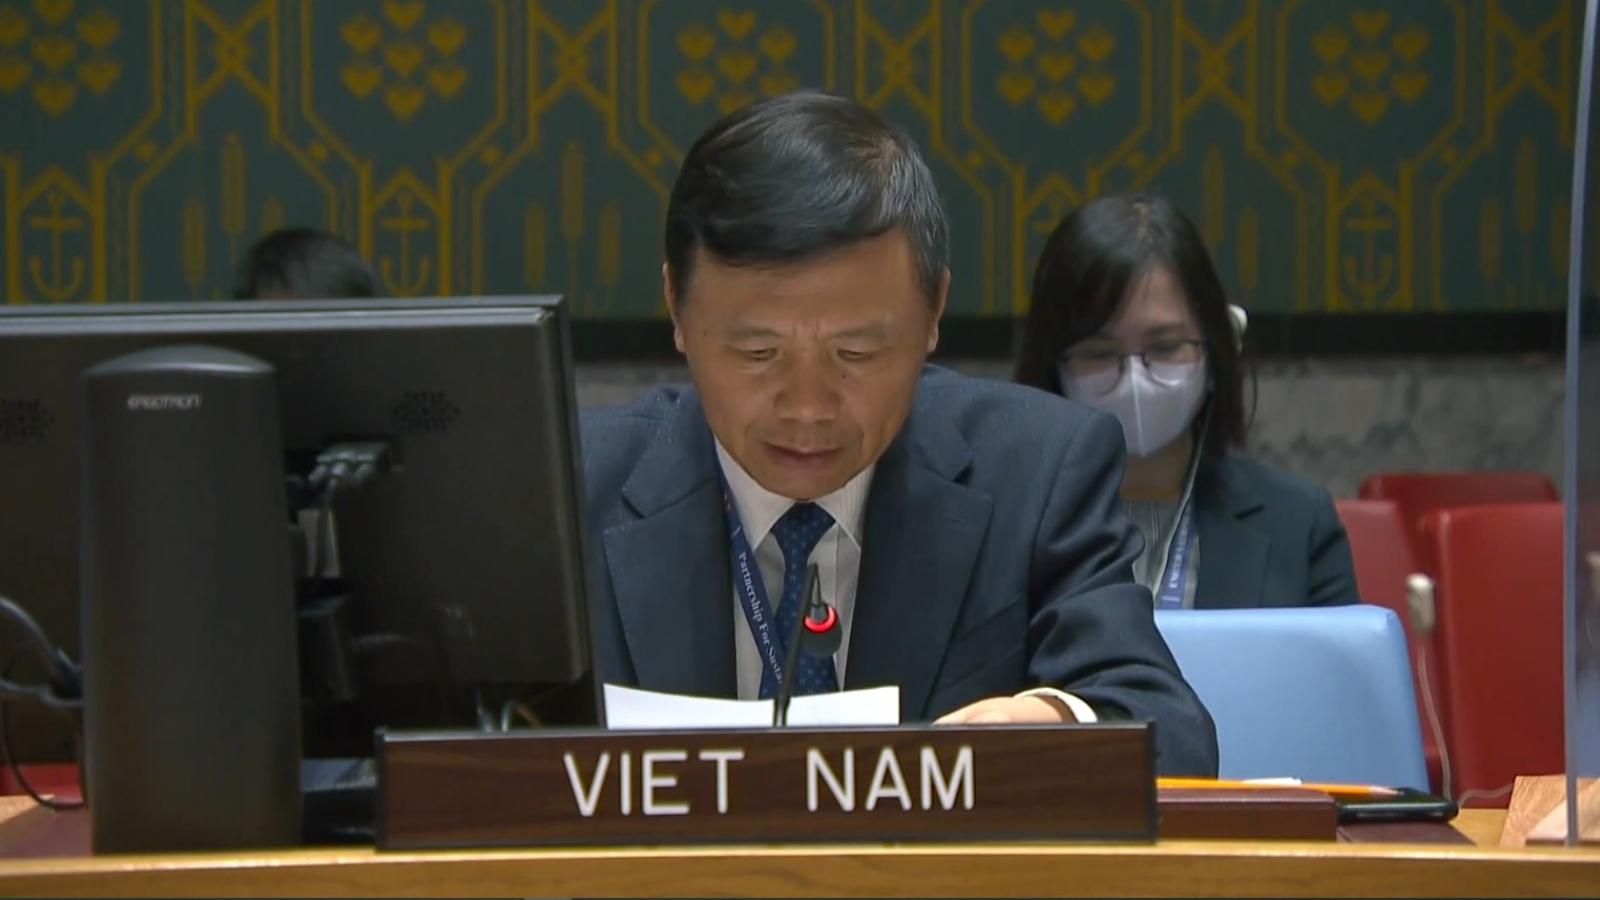 Liên Hợp Quốc đóng vai trò quan trọng trong duy trì hòa bình và an ninh quốc tế